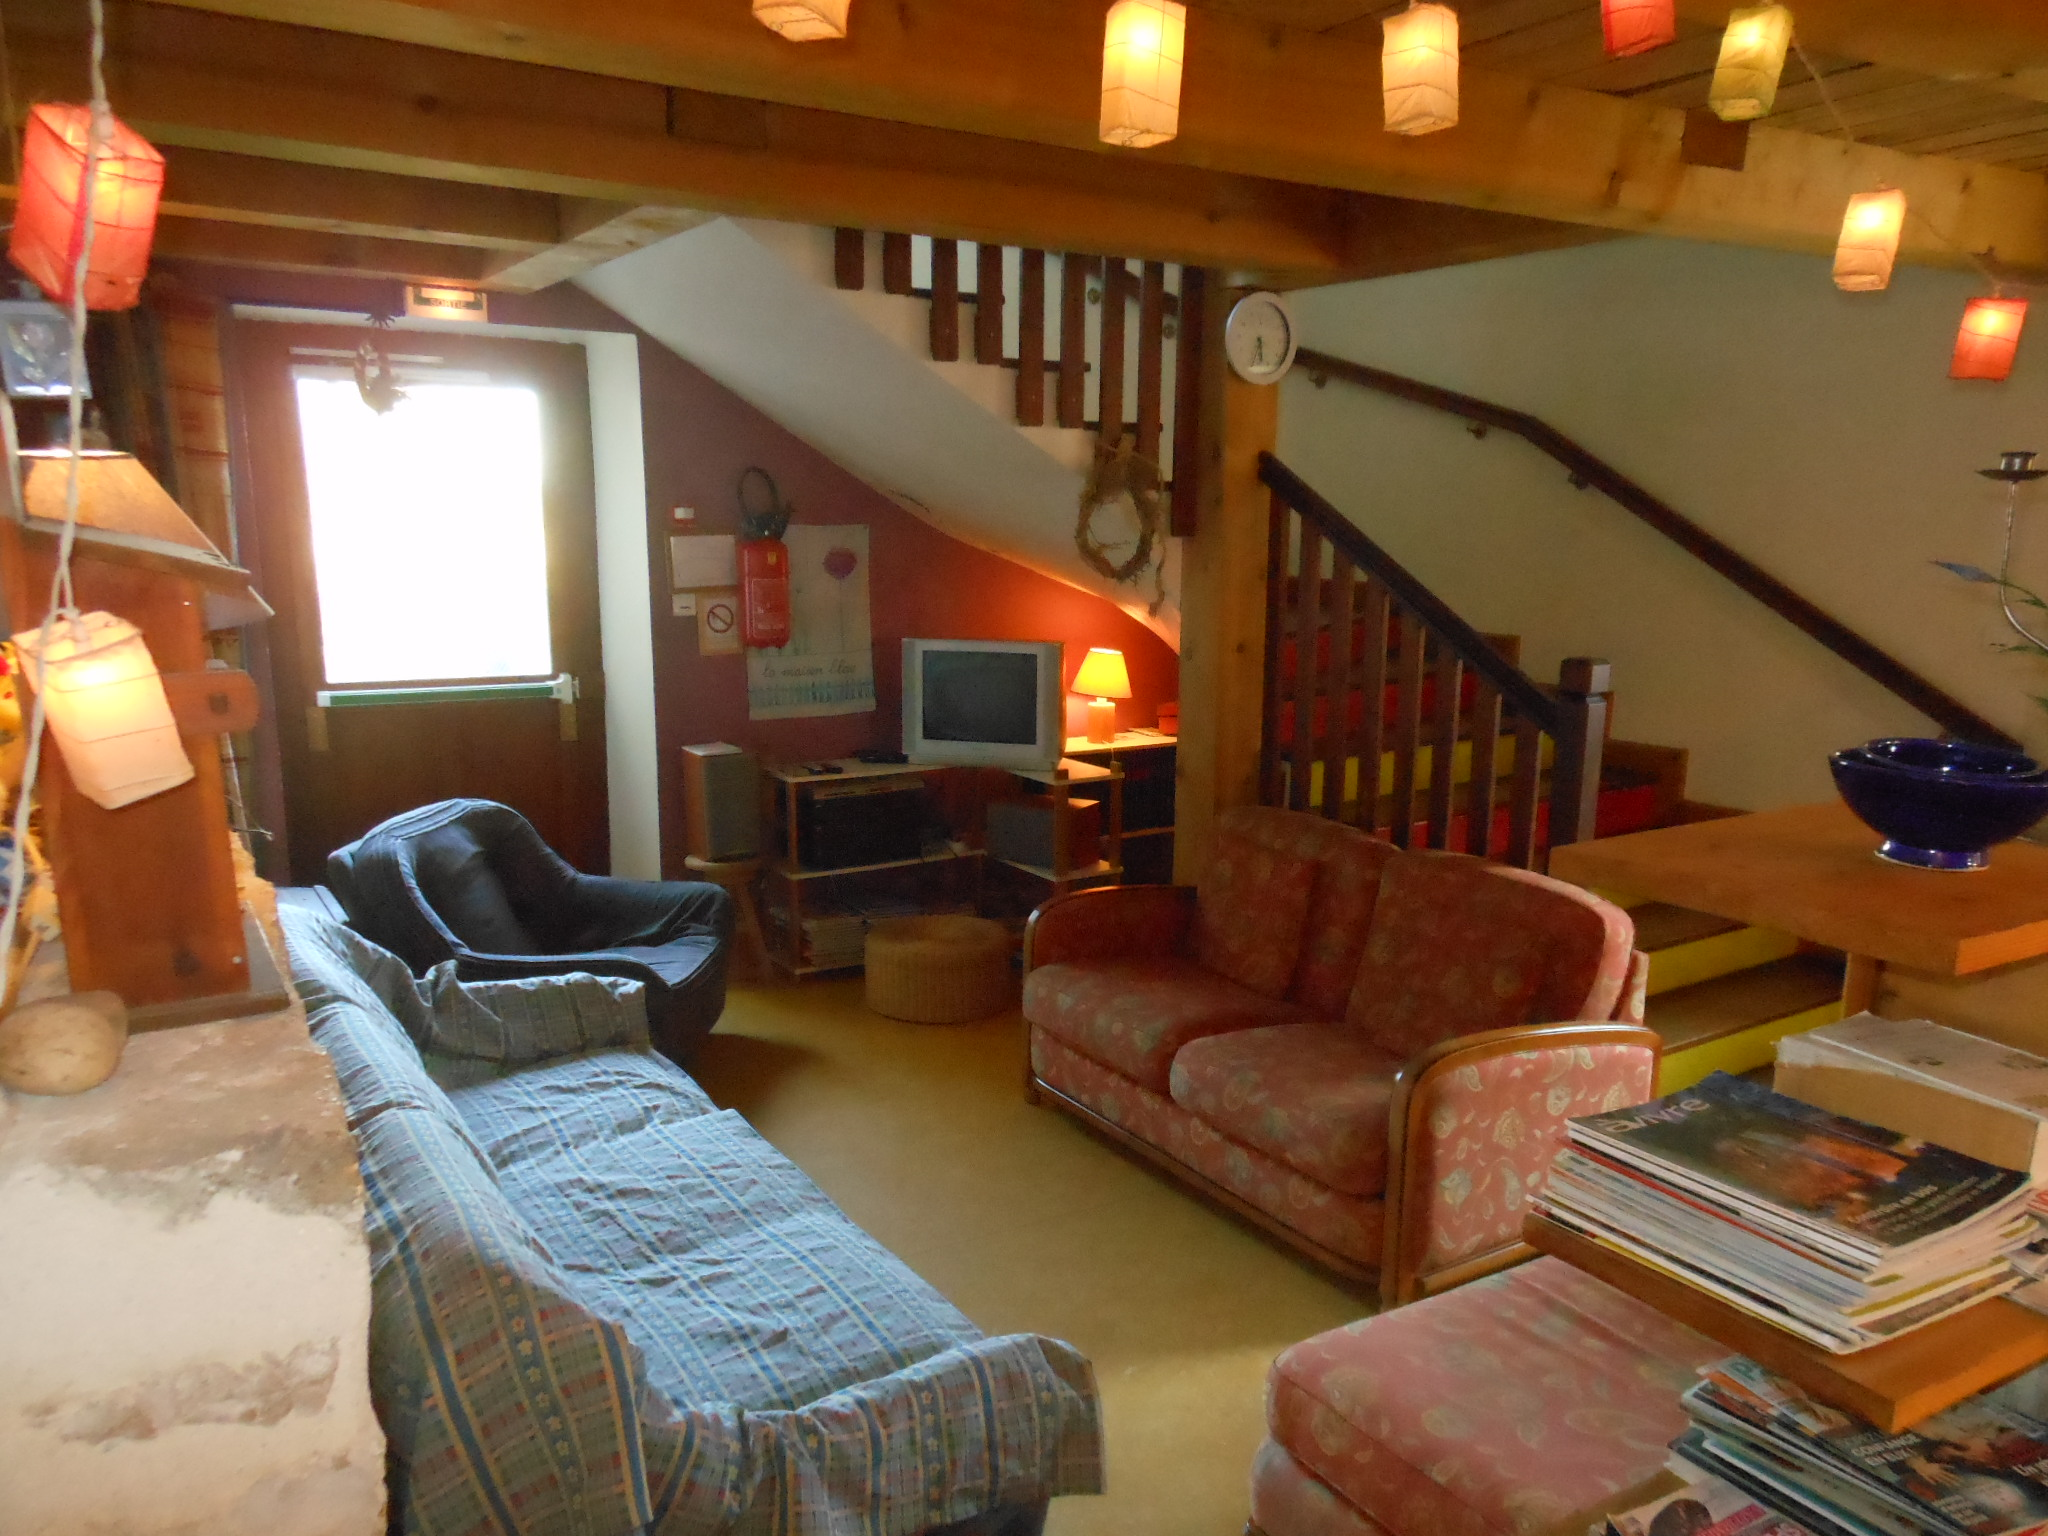 Salon de détente chaleureux dans cette grande maison familiale de vacances